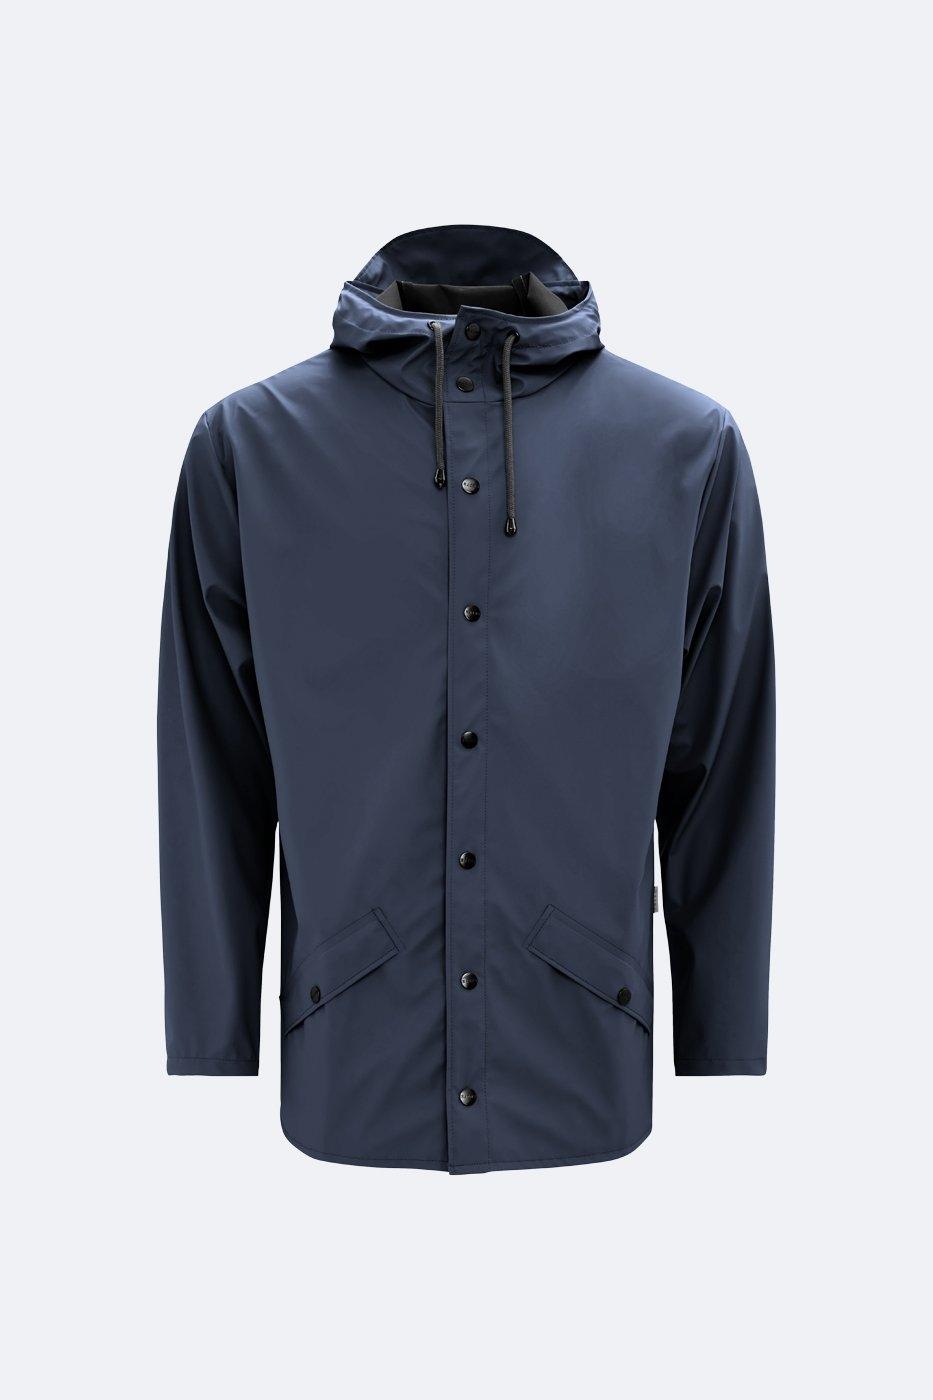 Rains Jacket blue unisex XS/S